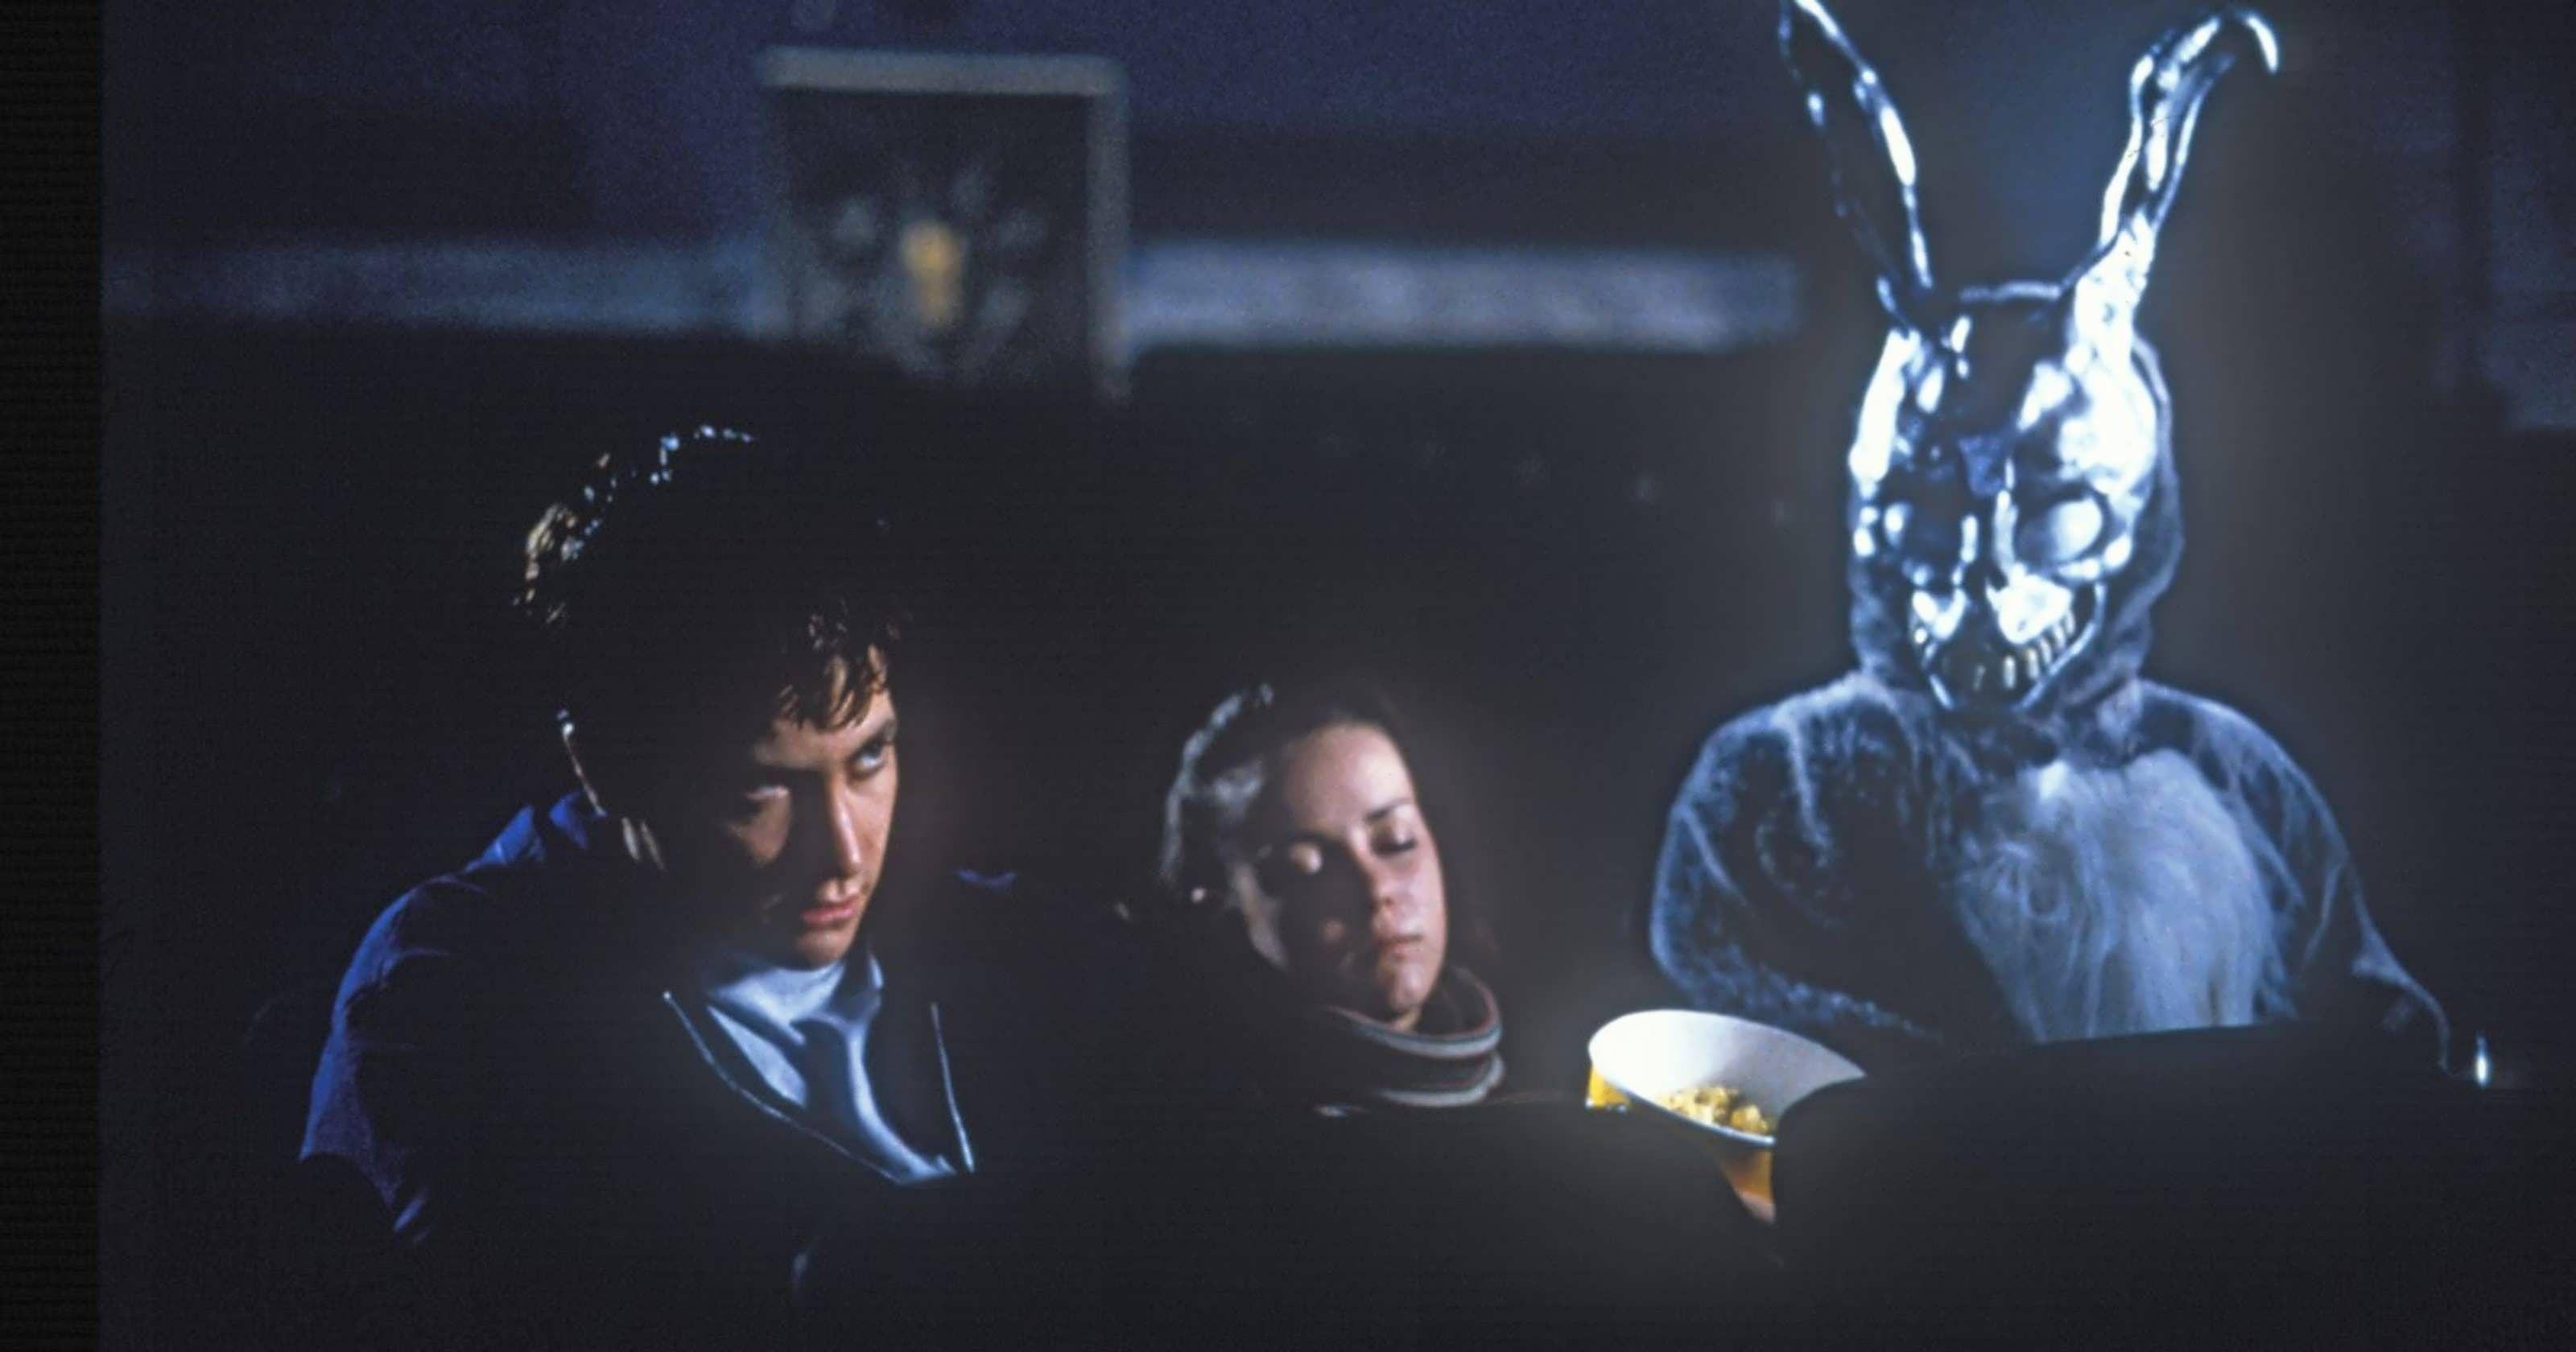 Donnie Darko Donnie Darko Movies Cinema